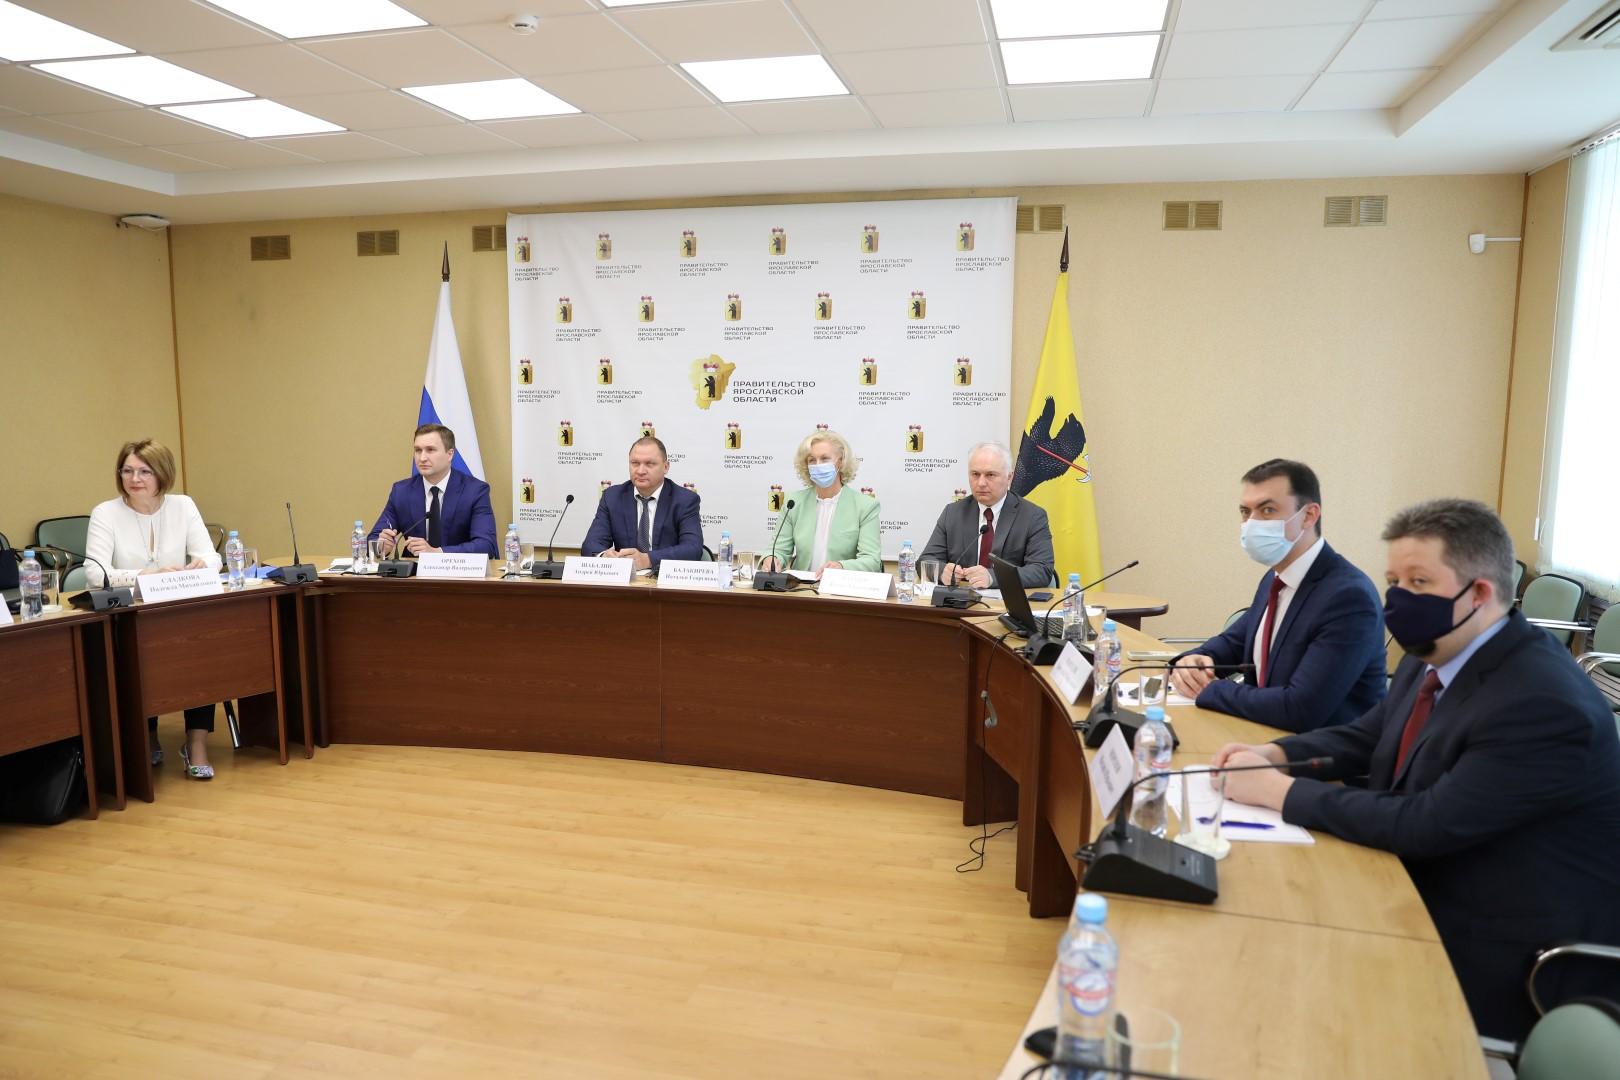 Вопросы развития гражданской и муниципальной службы обсудили на межрегиональной конференции